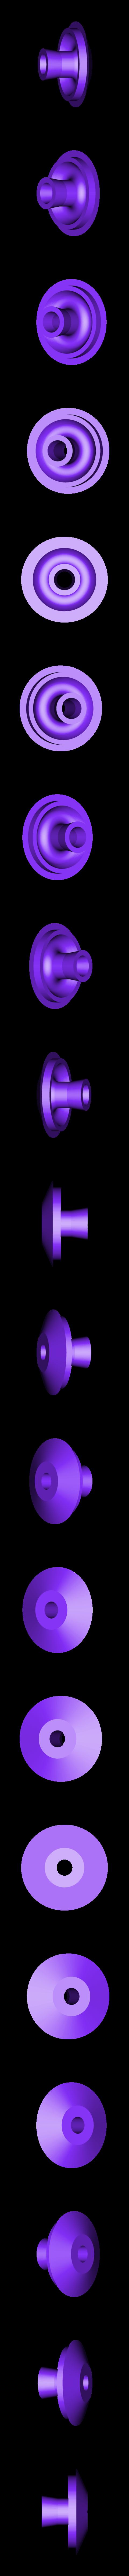 propeller_tape_v1_0.stl Télécharger fichier STL gratuit JALC Moteur de bateau • Modèle pour imprimante 3D, Tanleste46